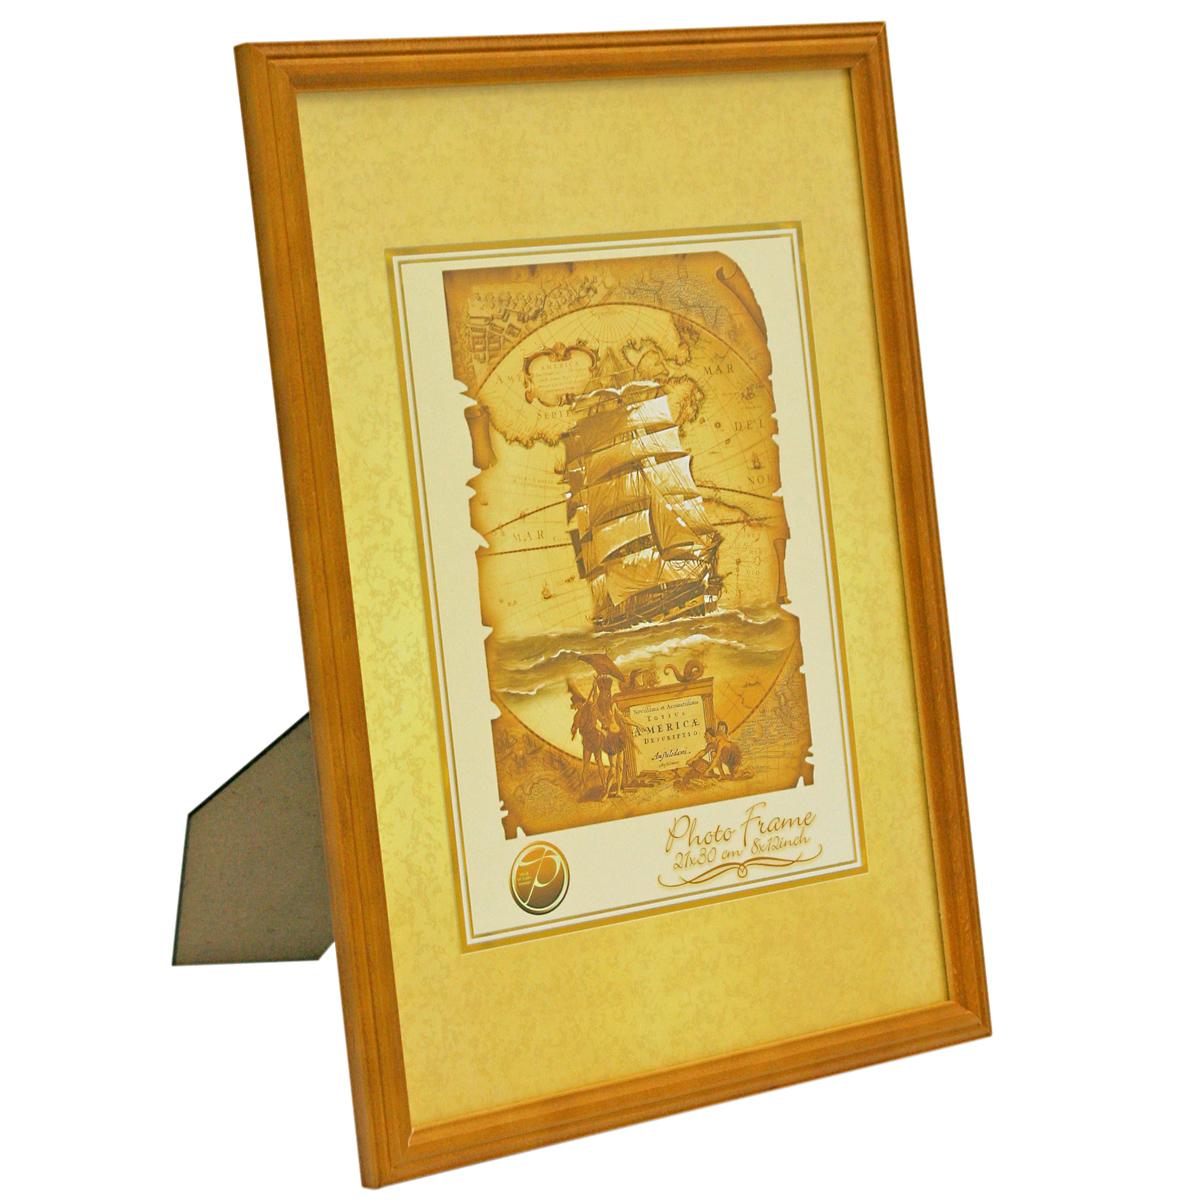 Фоторамка деревянная Veld-Co, 10 х 15 смБрелок для ключейФоторамка деревянная Veld-Co, 10 х 15 см